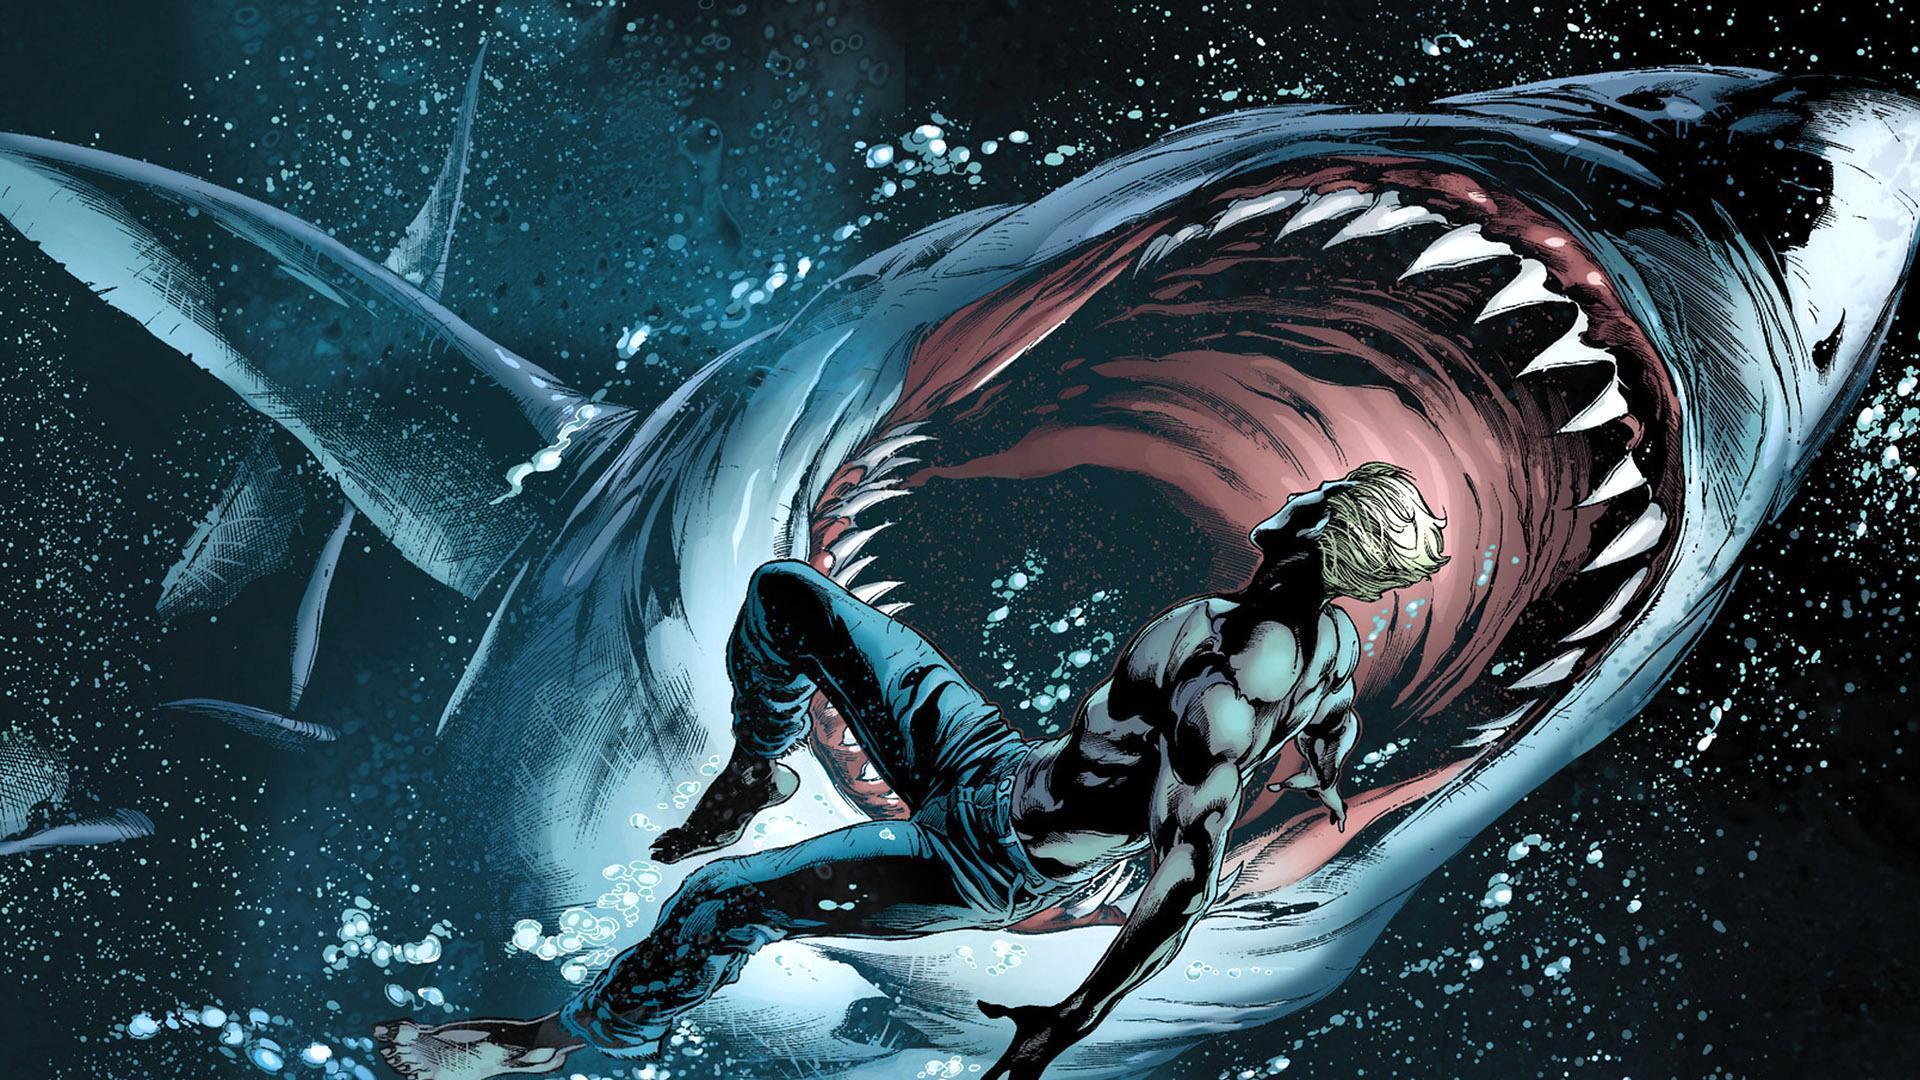 Aquaman Wallpapers - Wallpaper Cave